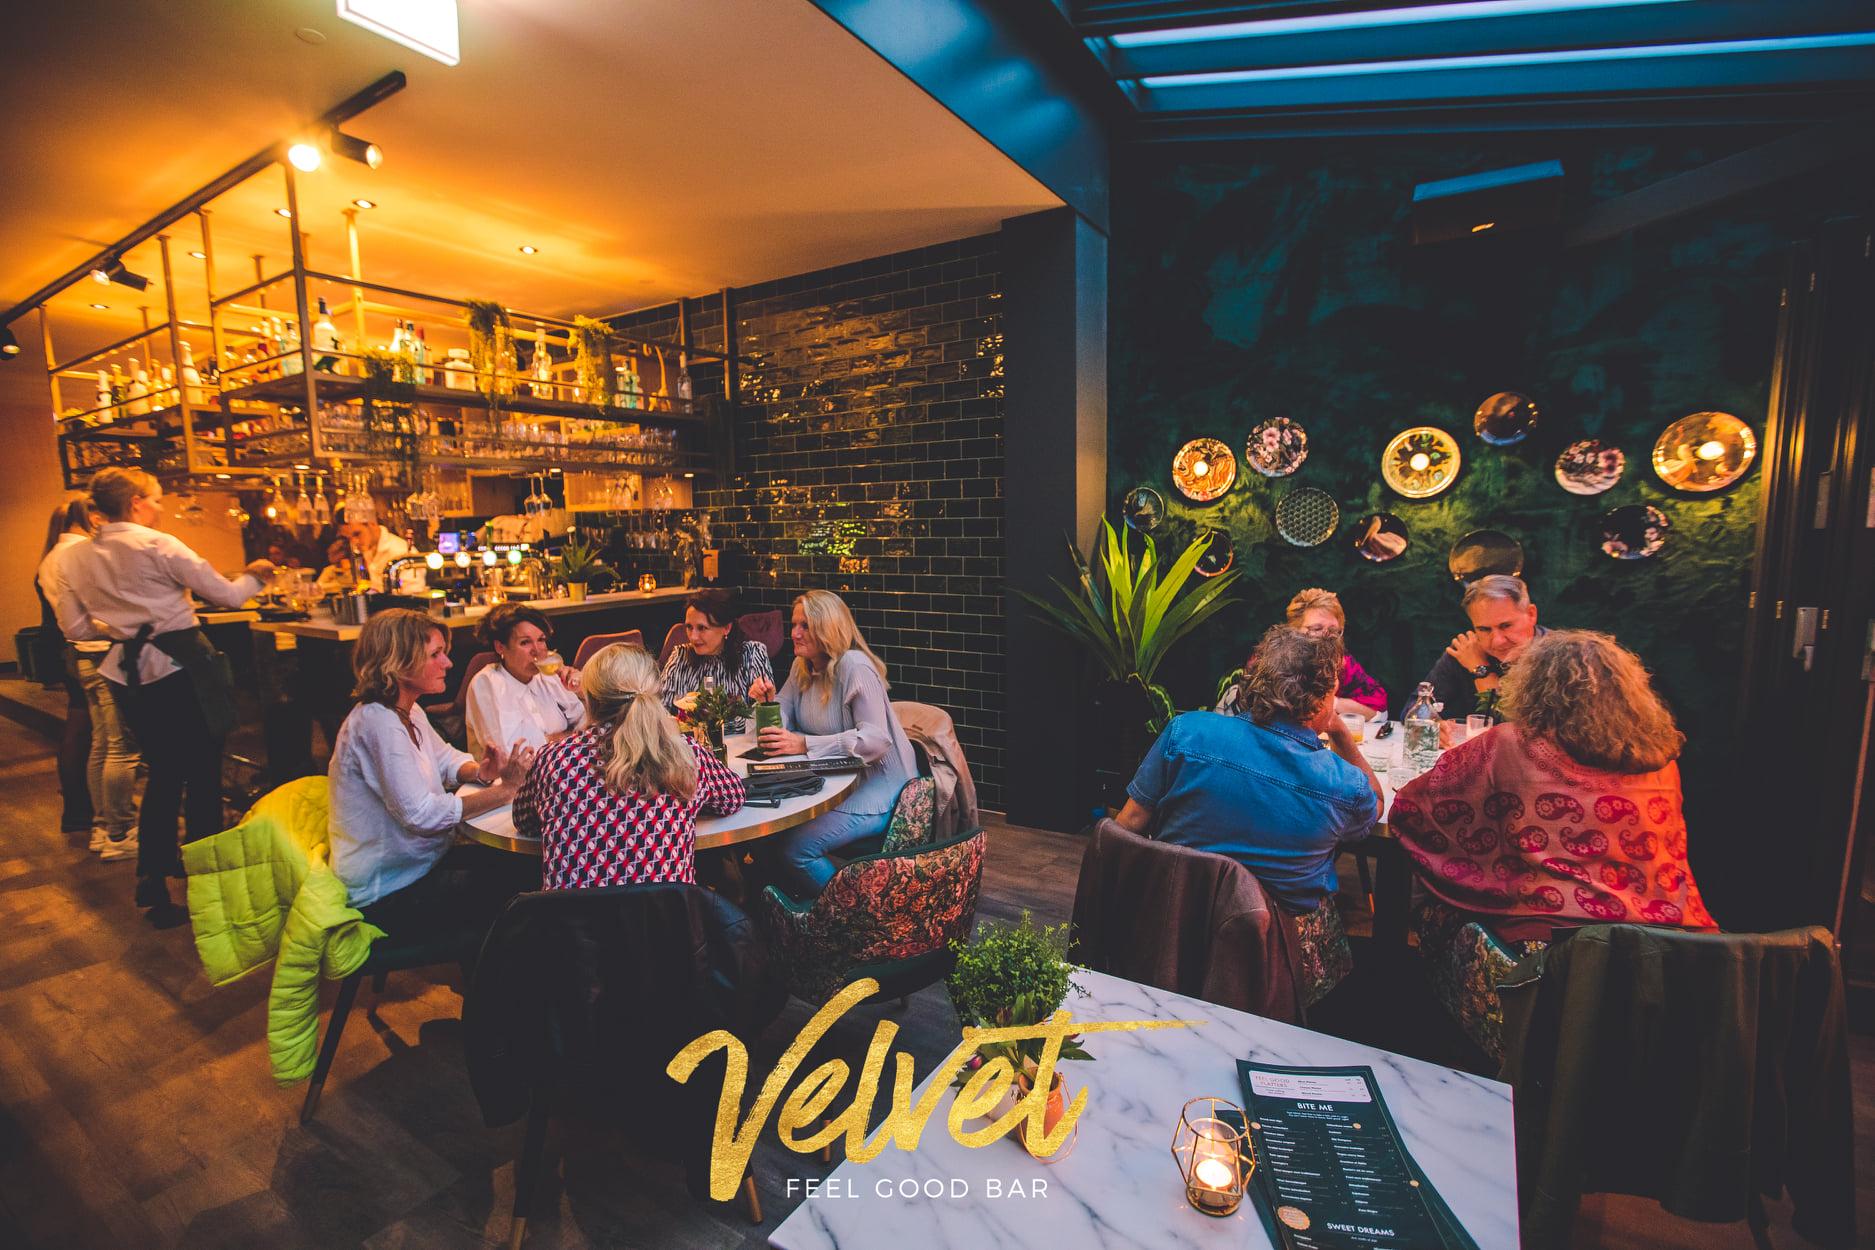 Velvet Feel Good Bar (5)